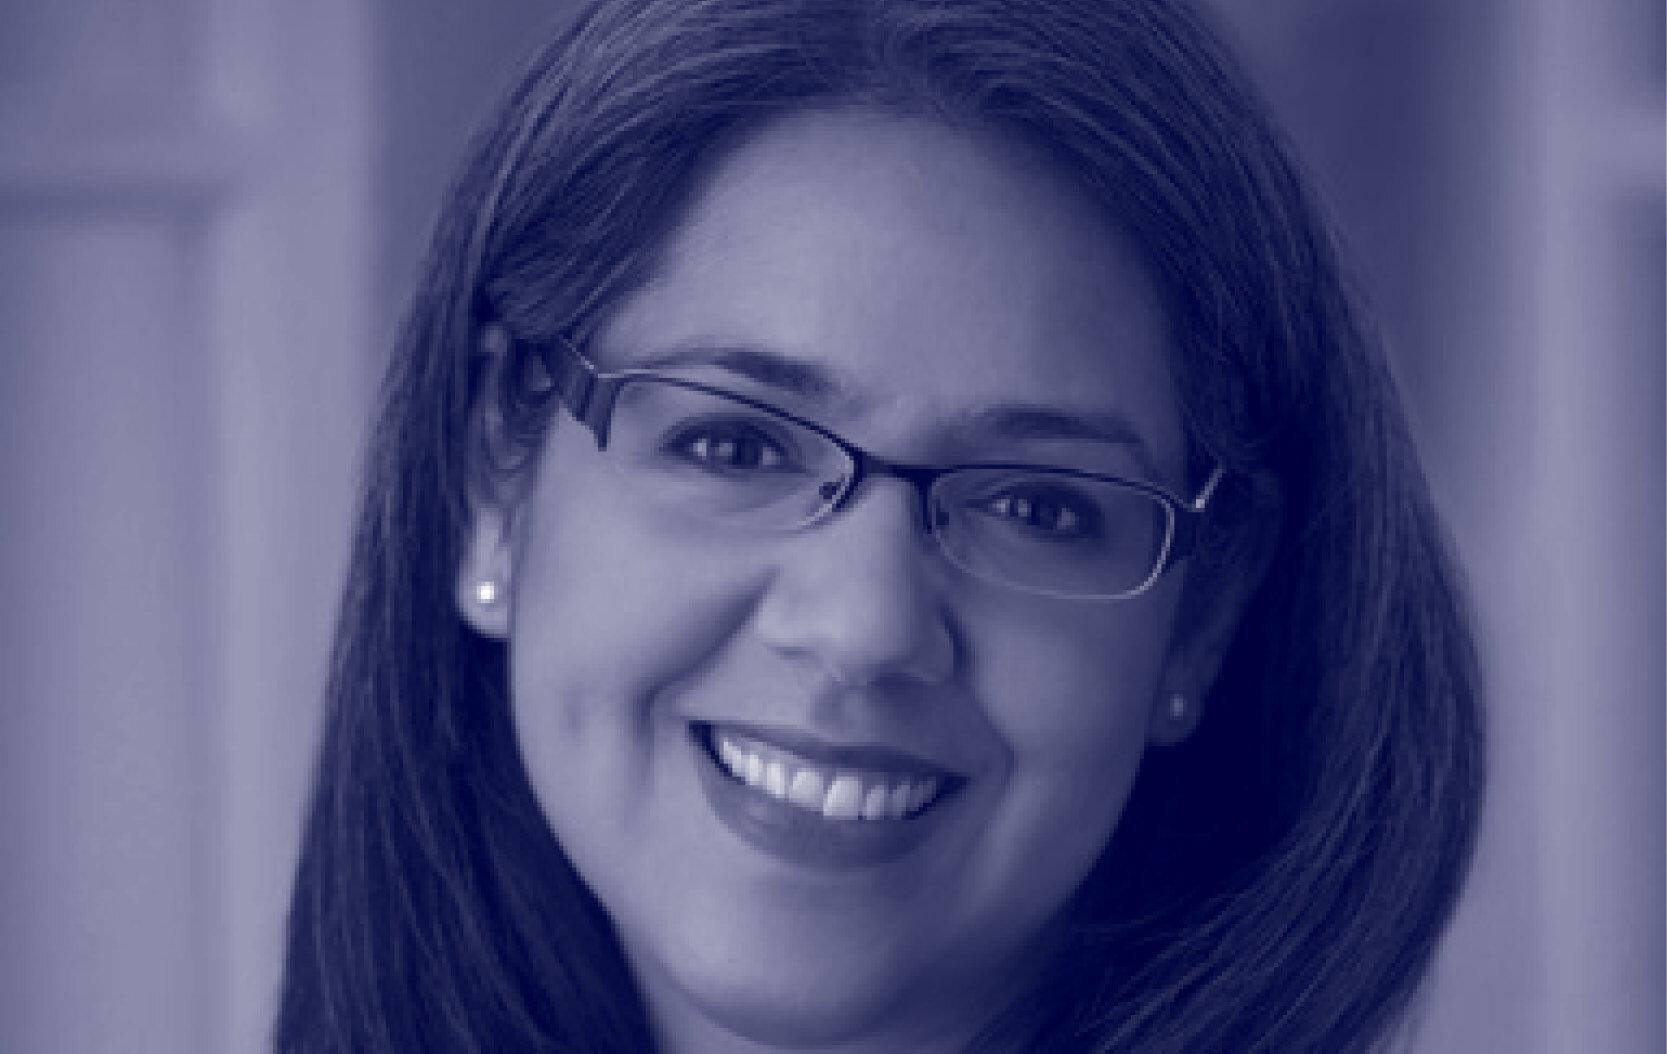 Patricia Valdez, featured author on Children's Literature Panel